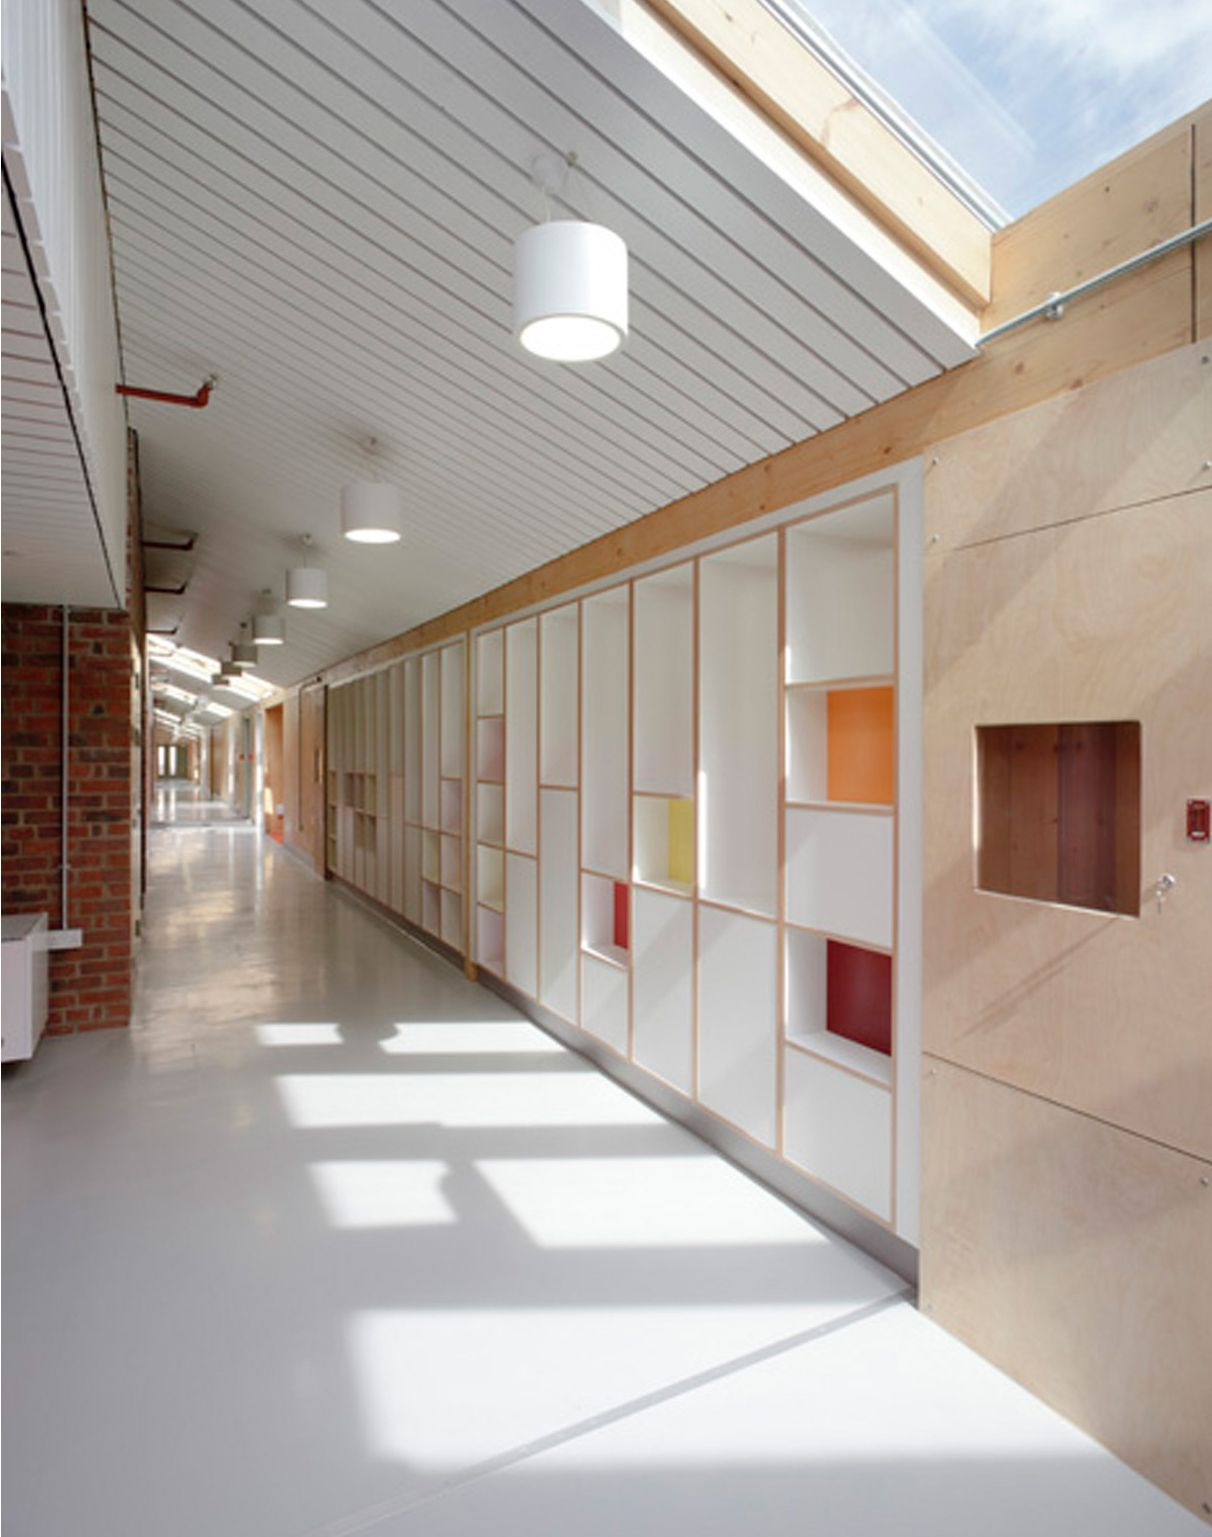 Classroom Corridor Architecture Google Search Schulen Und Kindergarten Pinterest